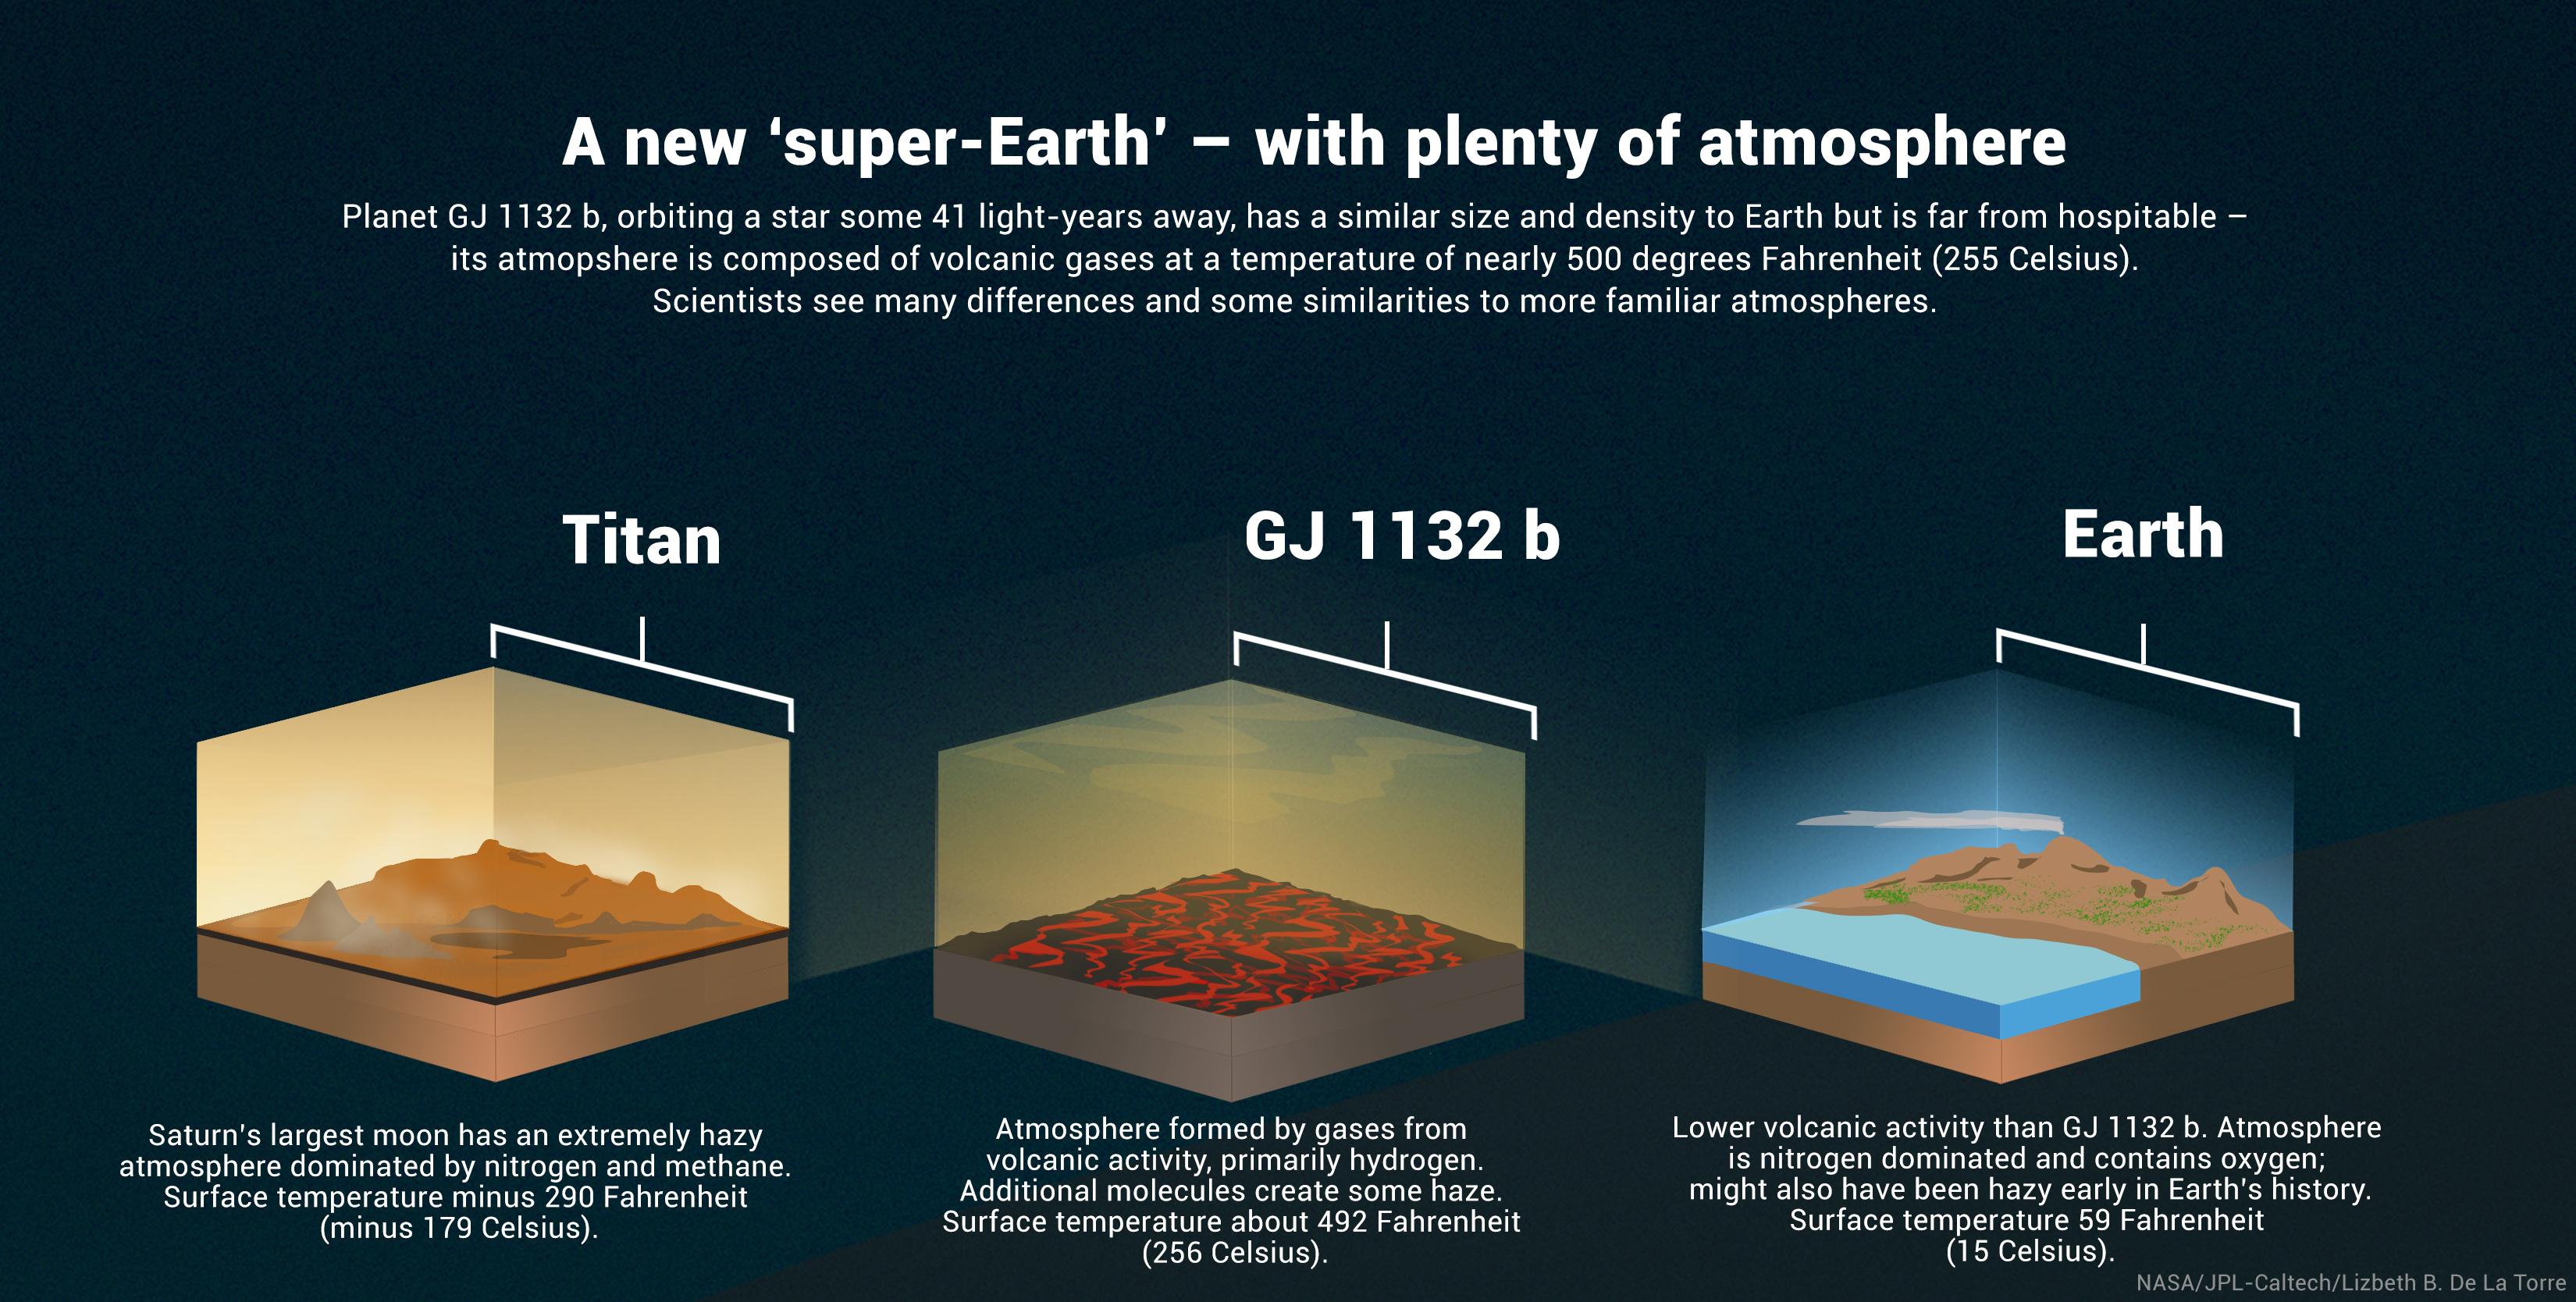 Une infographie compare la surface de GJ 1132 b à celle de la Terre et de la plus grande lune de Saturne, Titan.  Le GJ 1132 b et le Titan offrent tous deux d'étranges parallèles et des différences étranges avec la Terre.